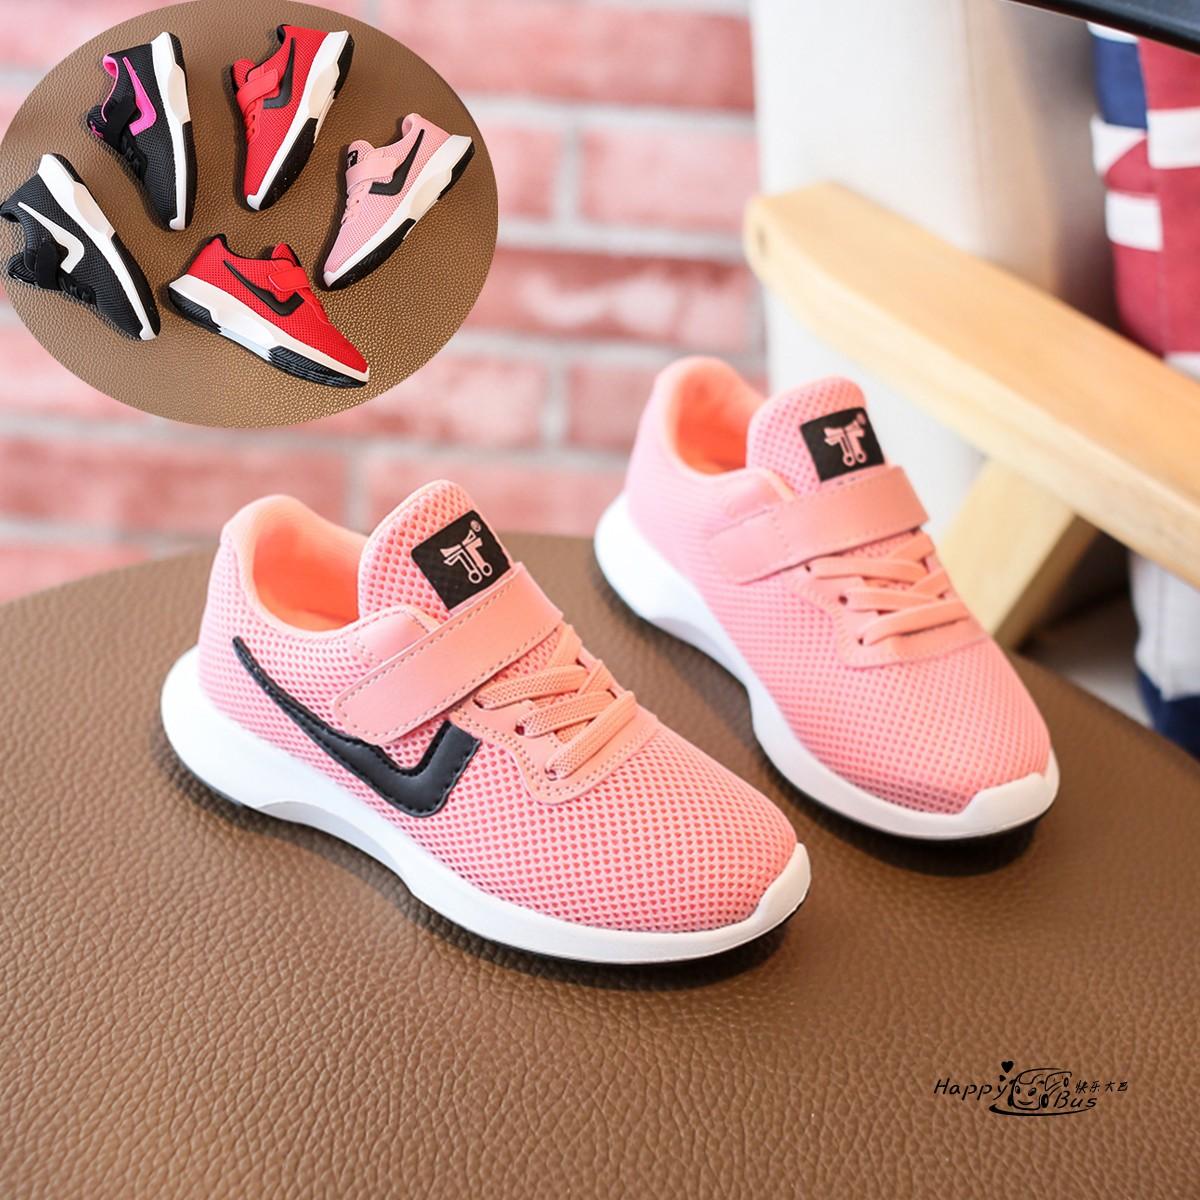 2020年春モデル男女兼用スニーカー子供向けネットカジュアルシューズ学生ランニング靴靴単靴子供靴